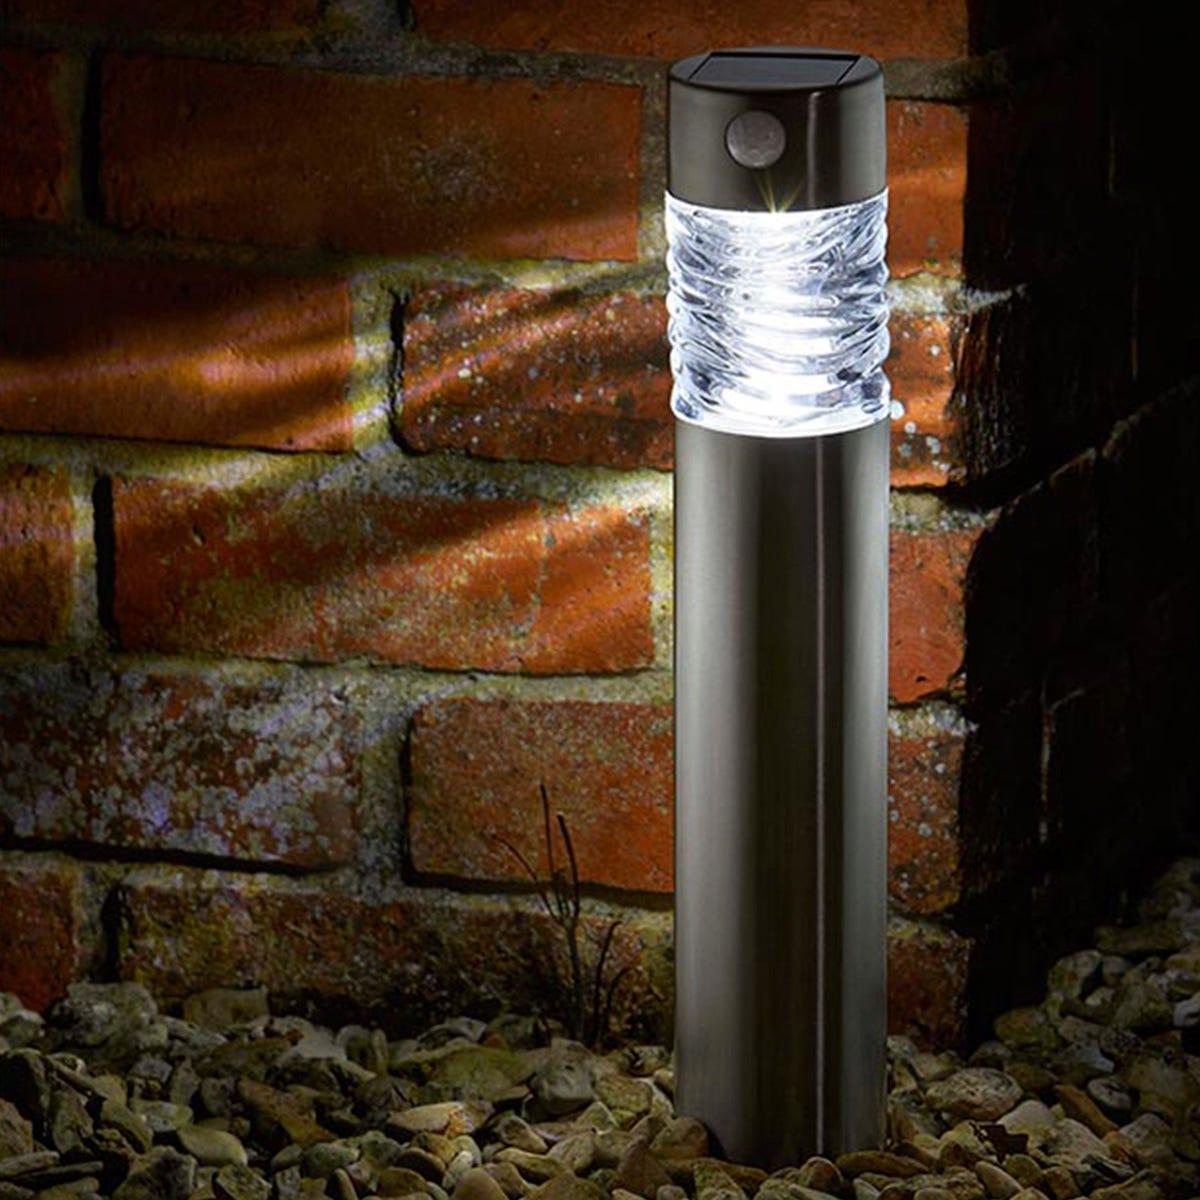 Smart Solar Super Bright Solar-Powered Pharos Bollard Light